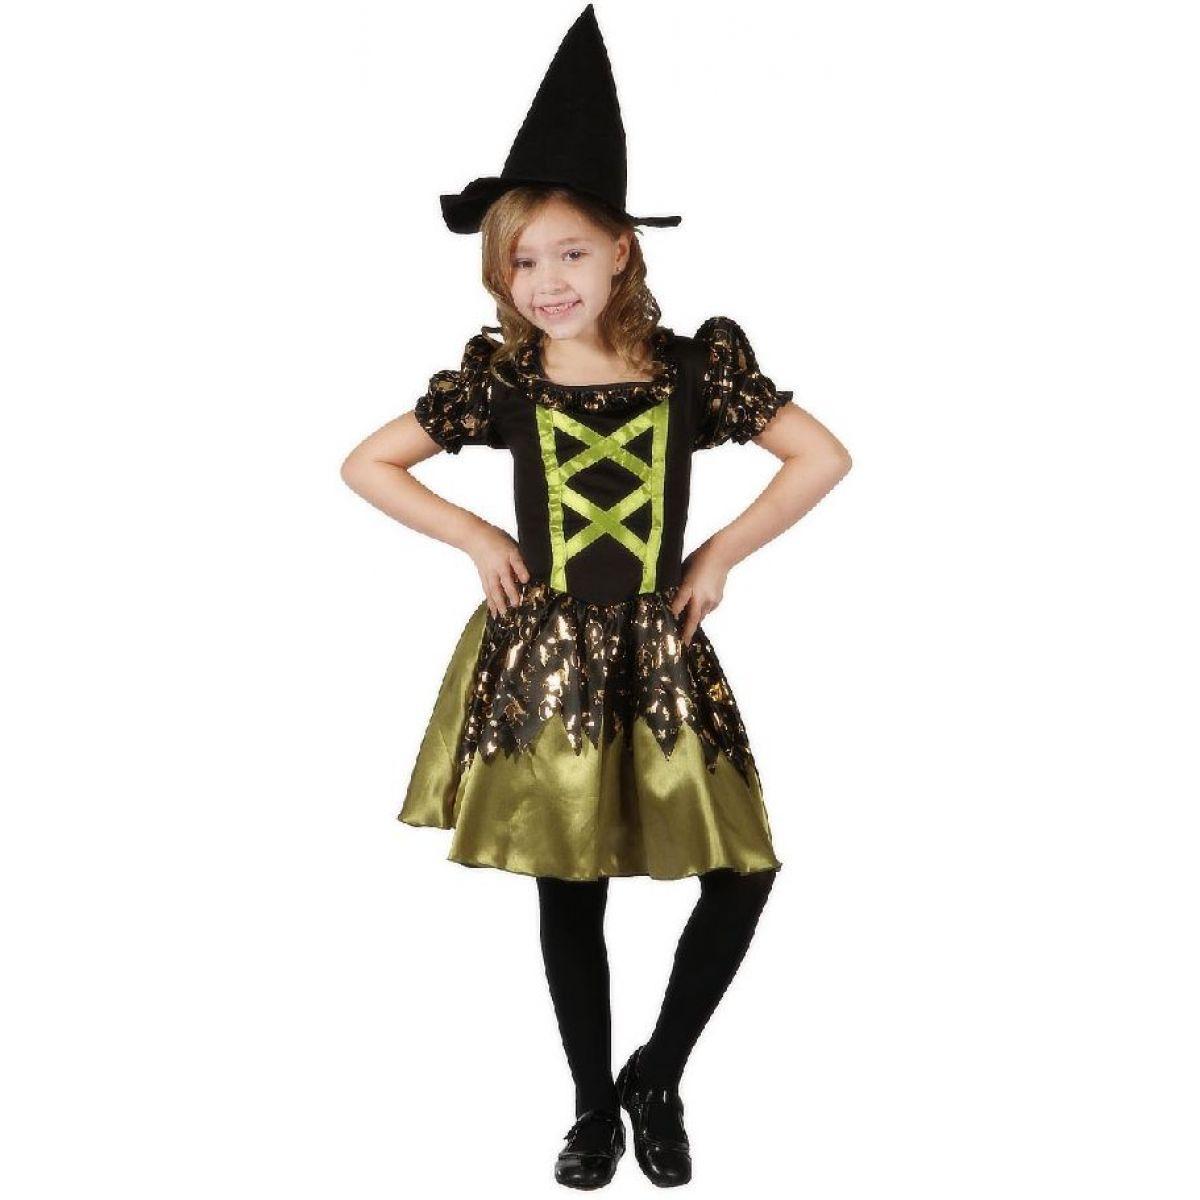 Made Dětský kostým Čarodějka zelená 110-120cm